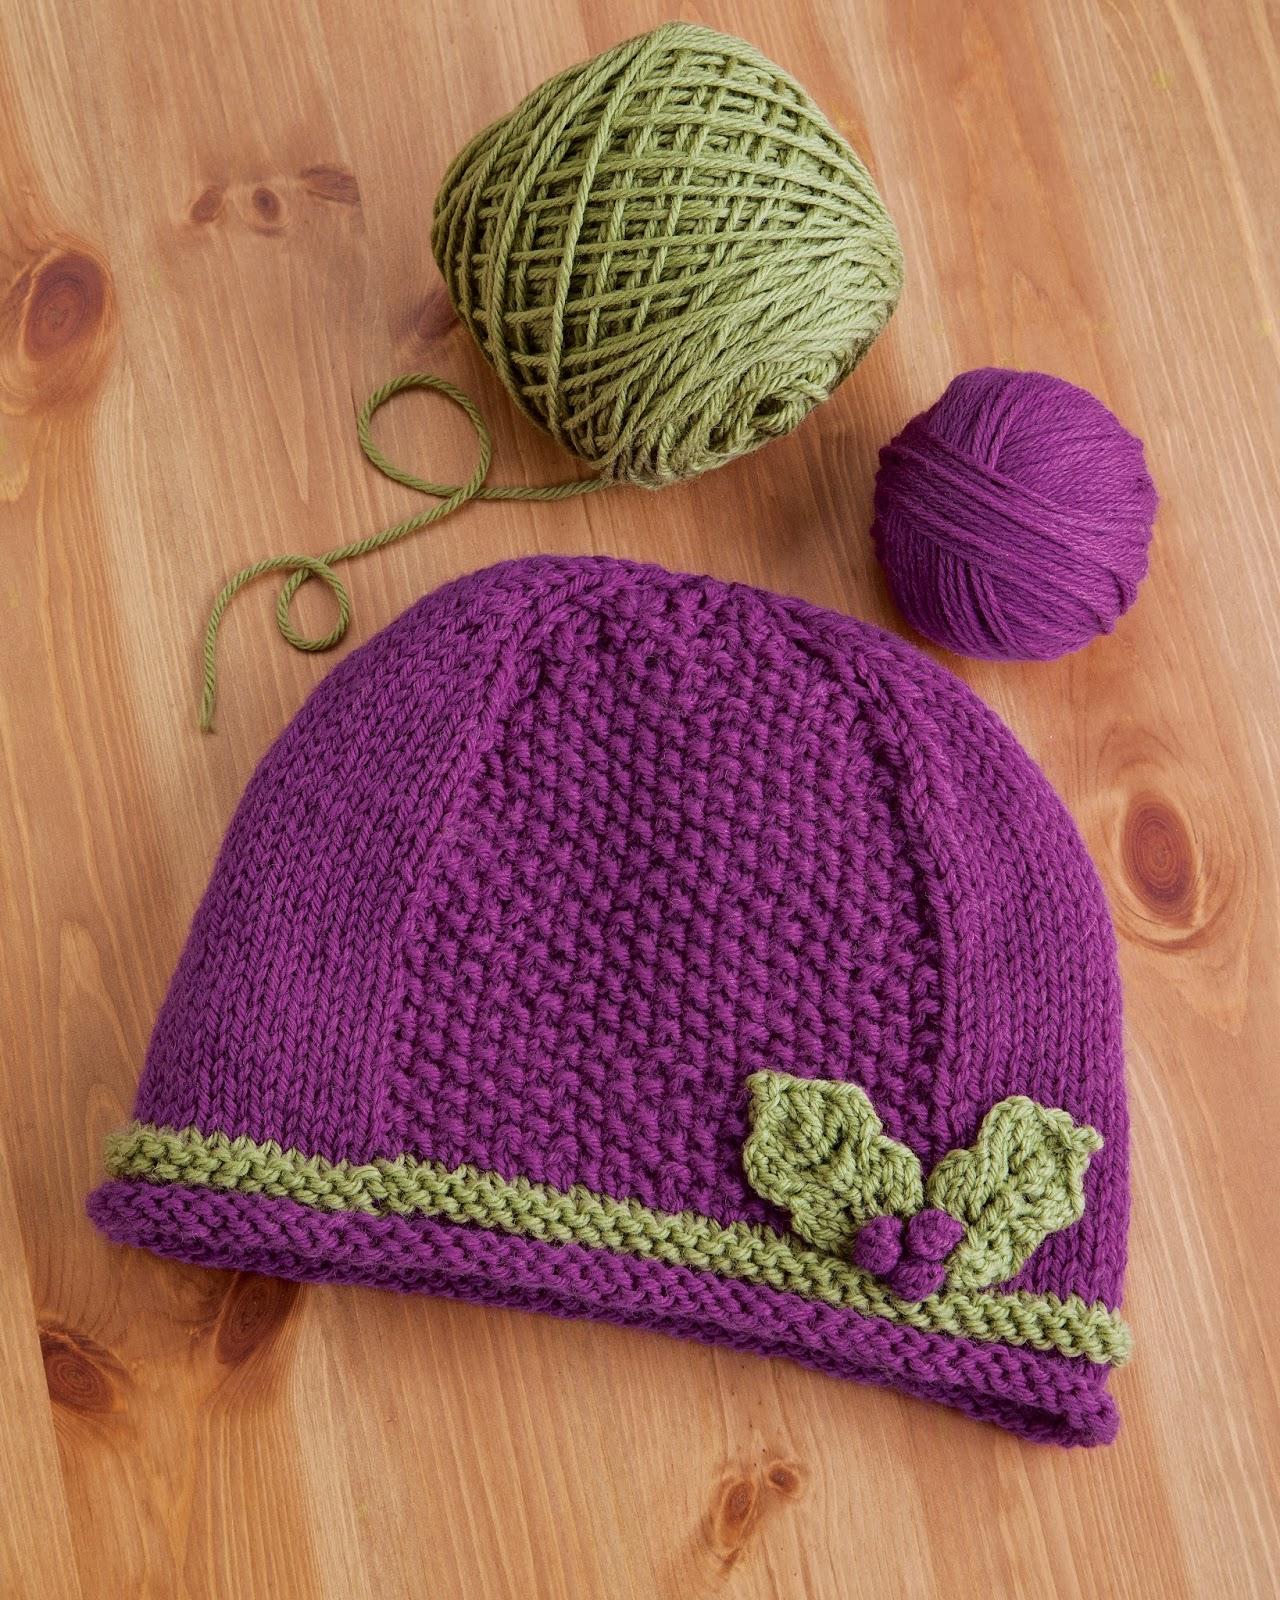 Cascade Yarns Blog: Yarn Garden - Littleton, NH - Holly Hat ...